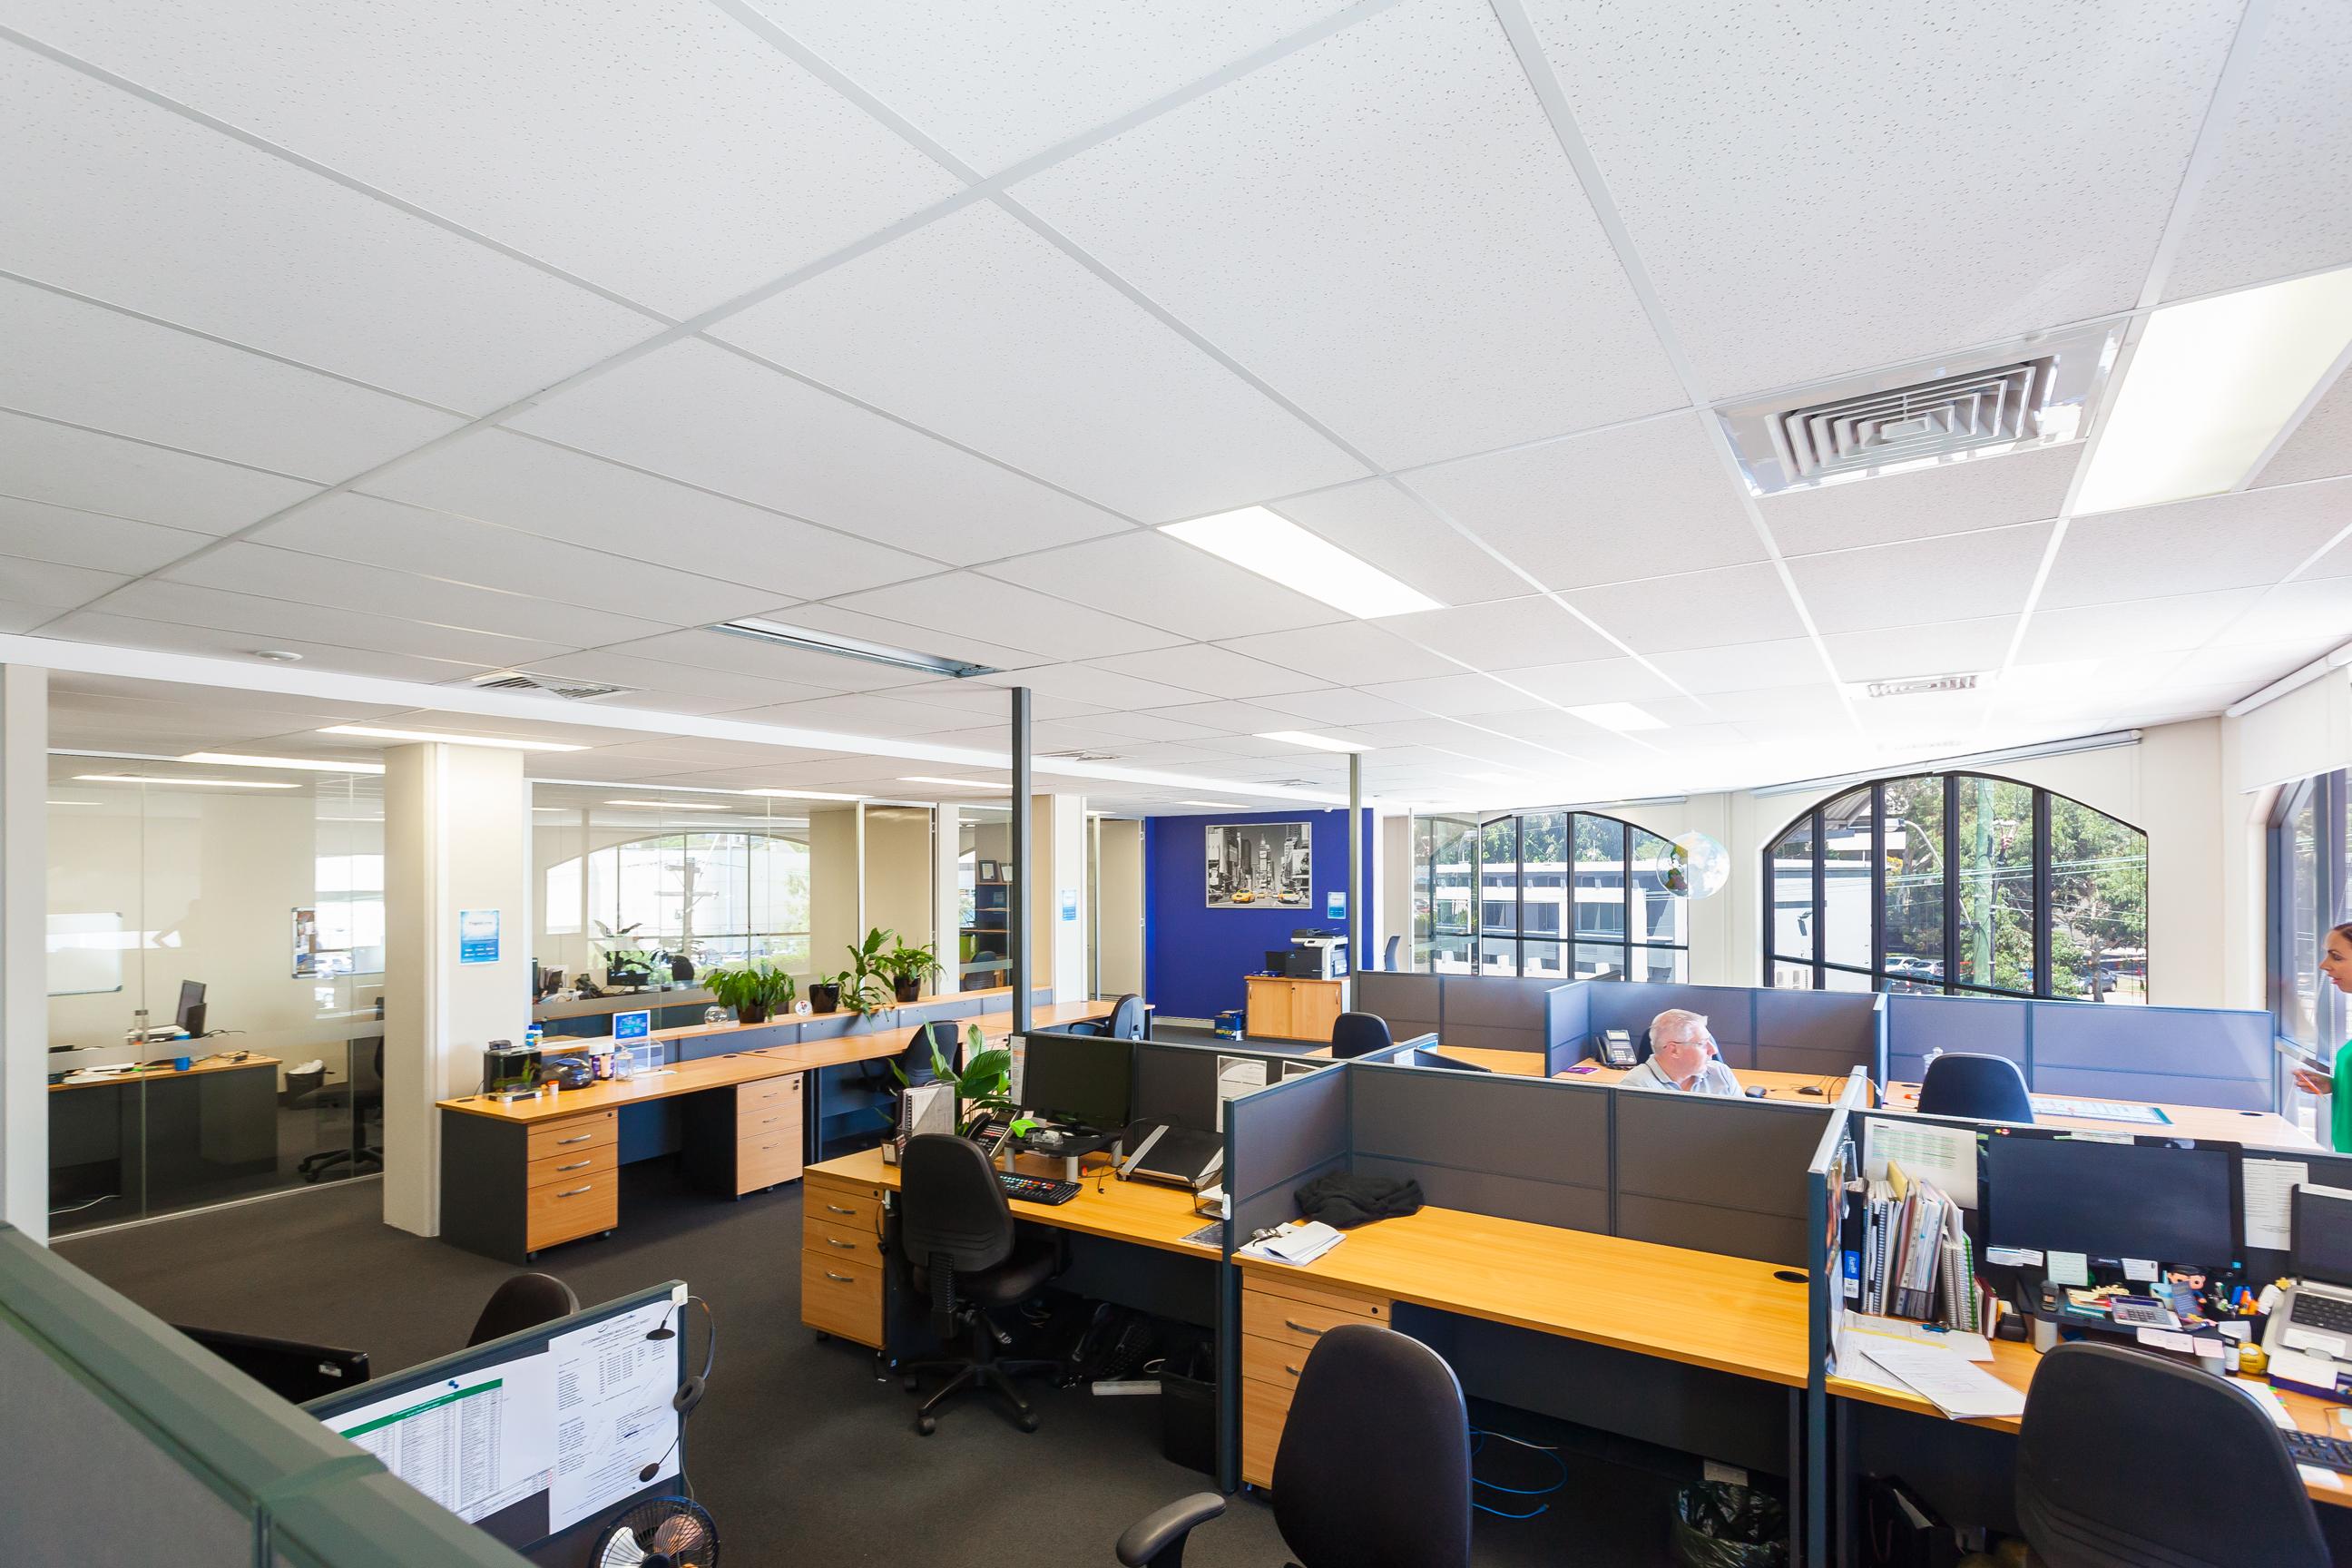 Commercial Kitchen Auctions Melbourne